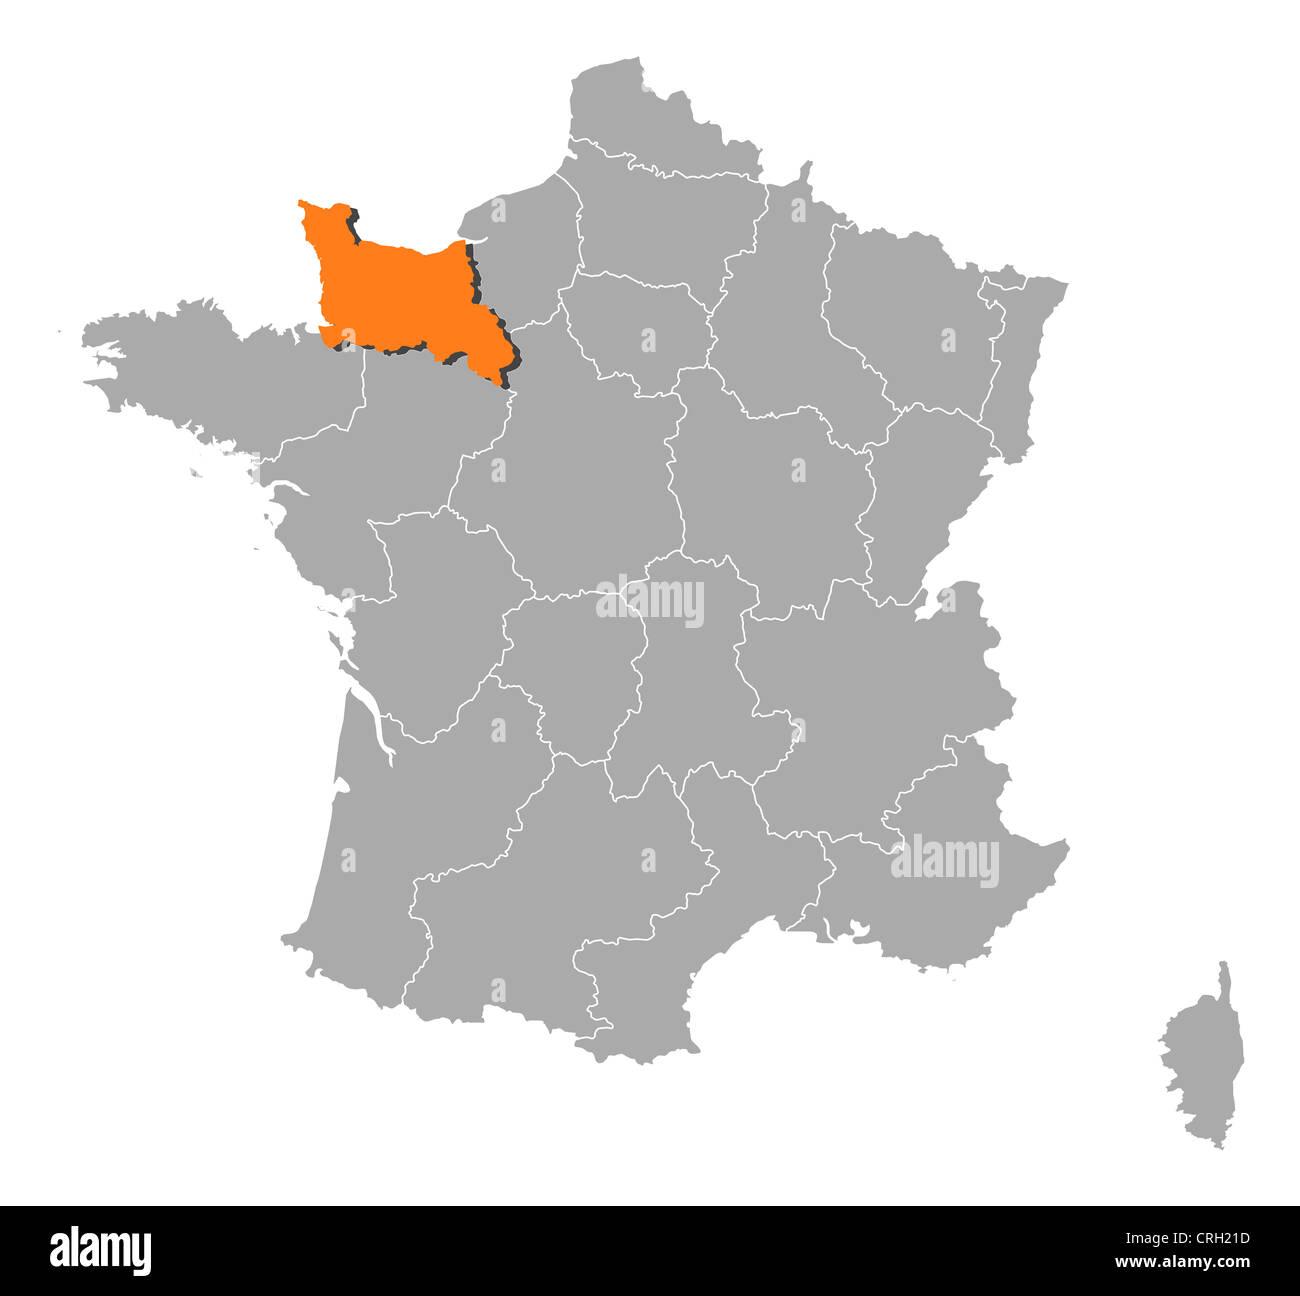 normandie karte Politische Karte von Frankreich mit mehreren Regionen Basse